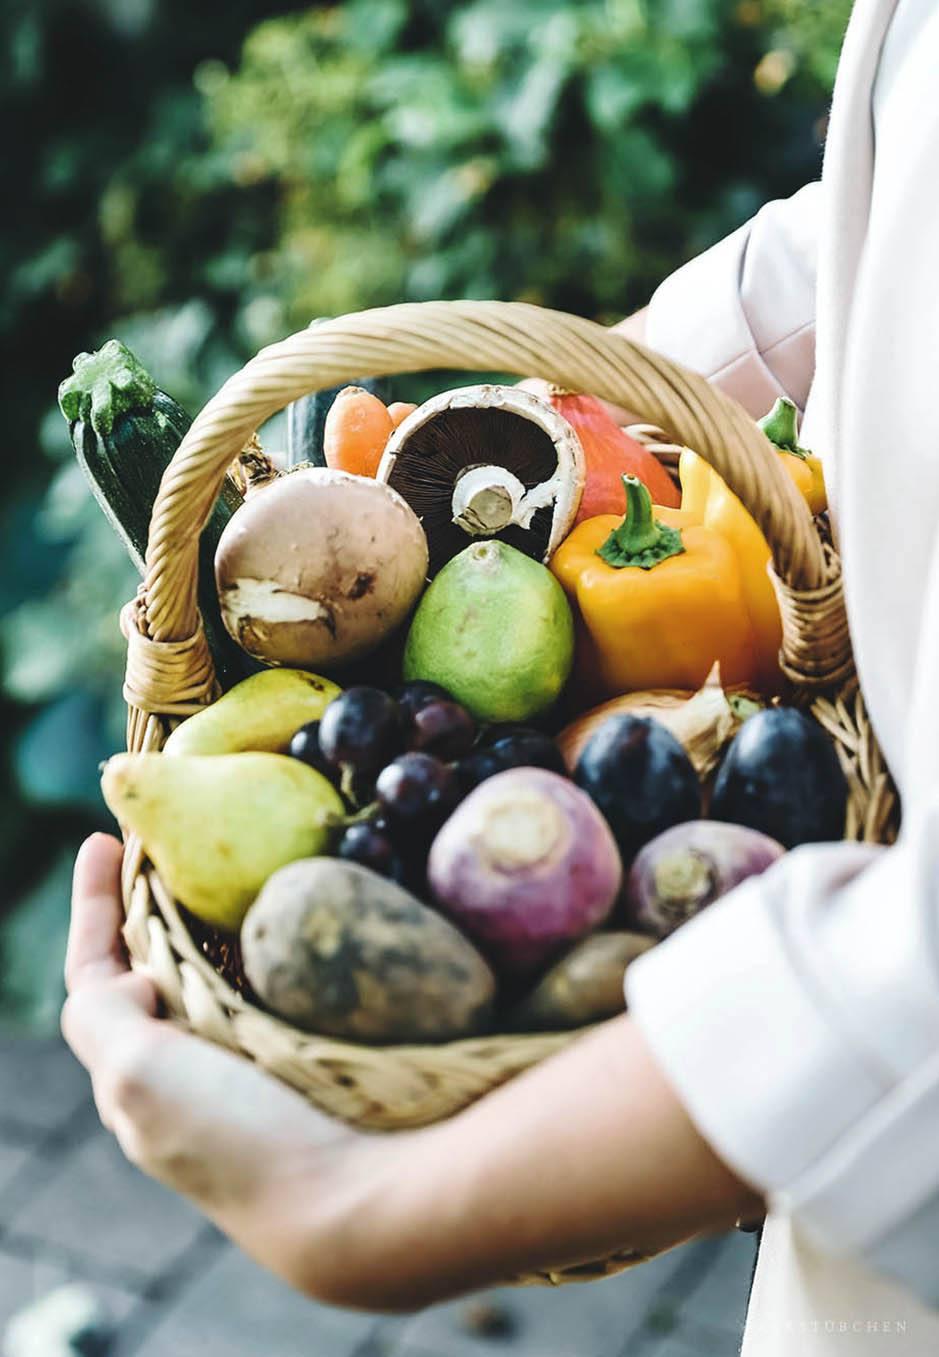 """In einer Mix-Box """"Classic"""" stecken zwischen 4 kg und 5 kg Obst und Gemüse. Sie kann für 23,90 Euro bestellt werden."""